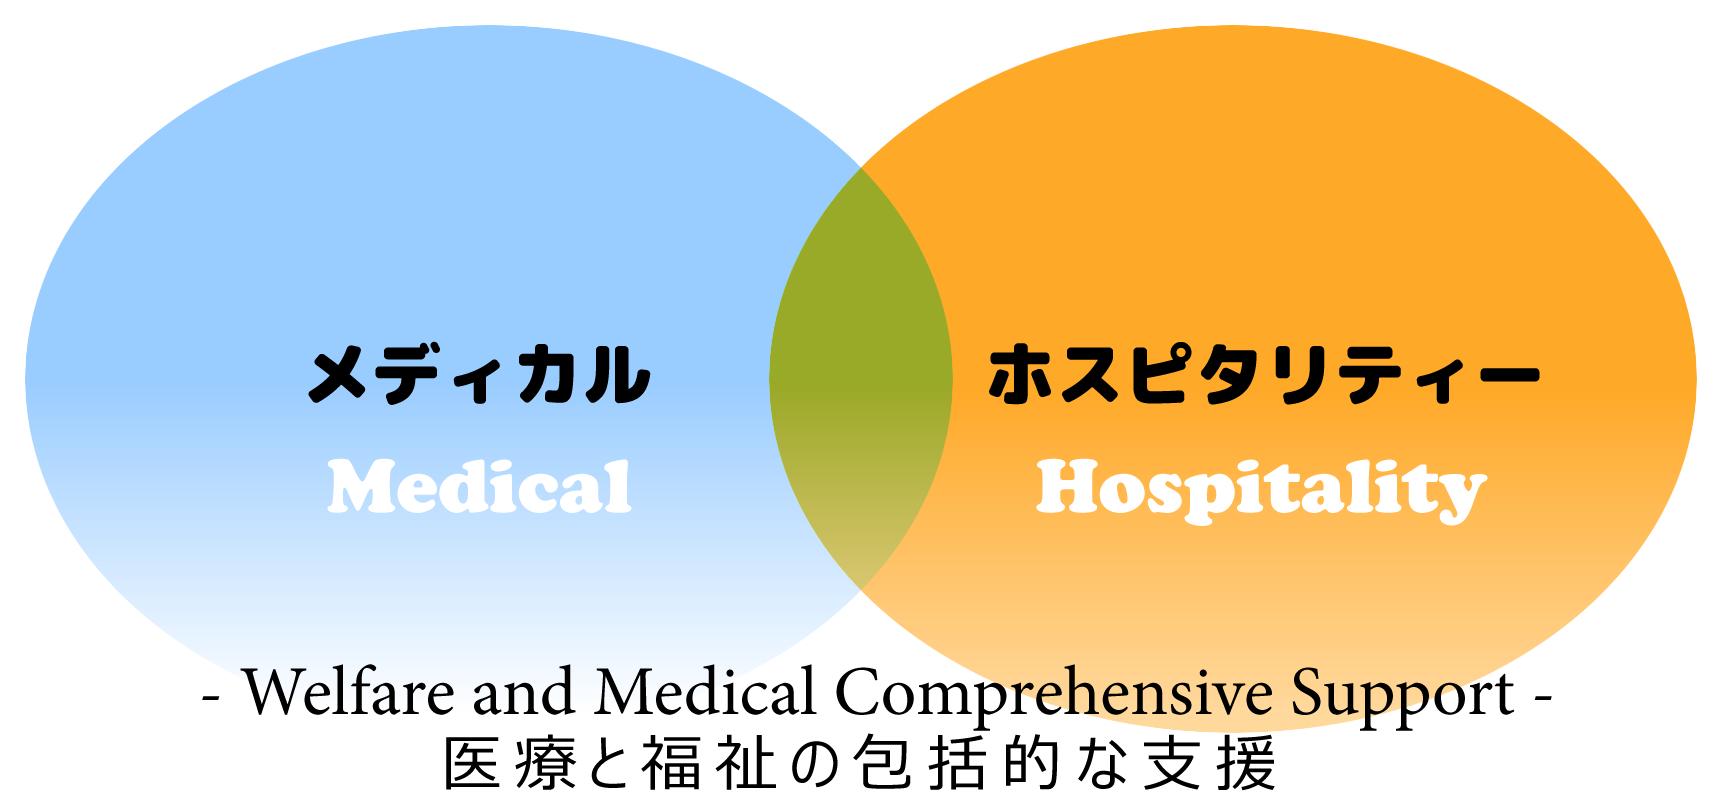 医療と福祉の包括的な支援